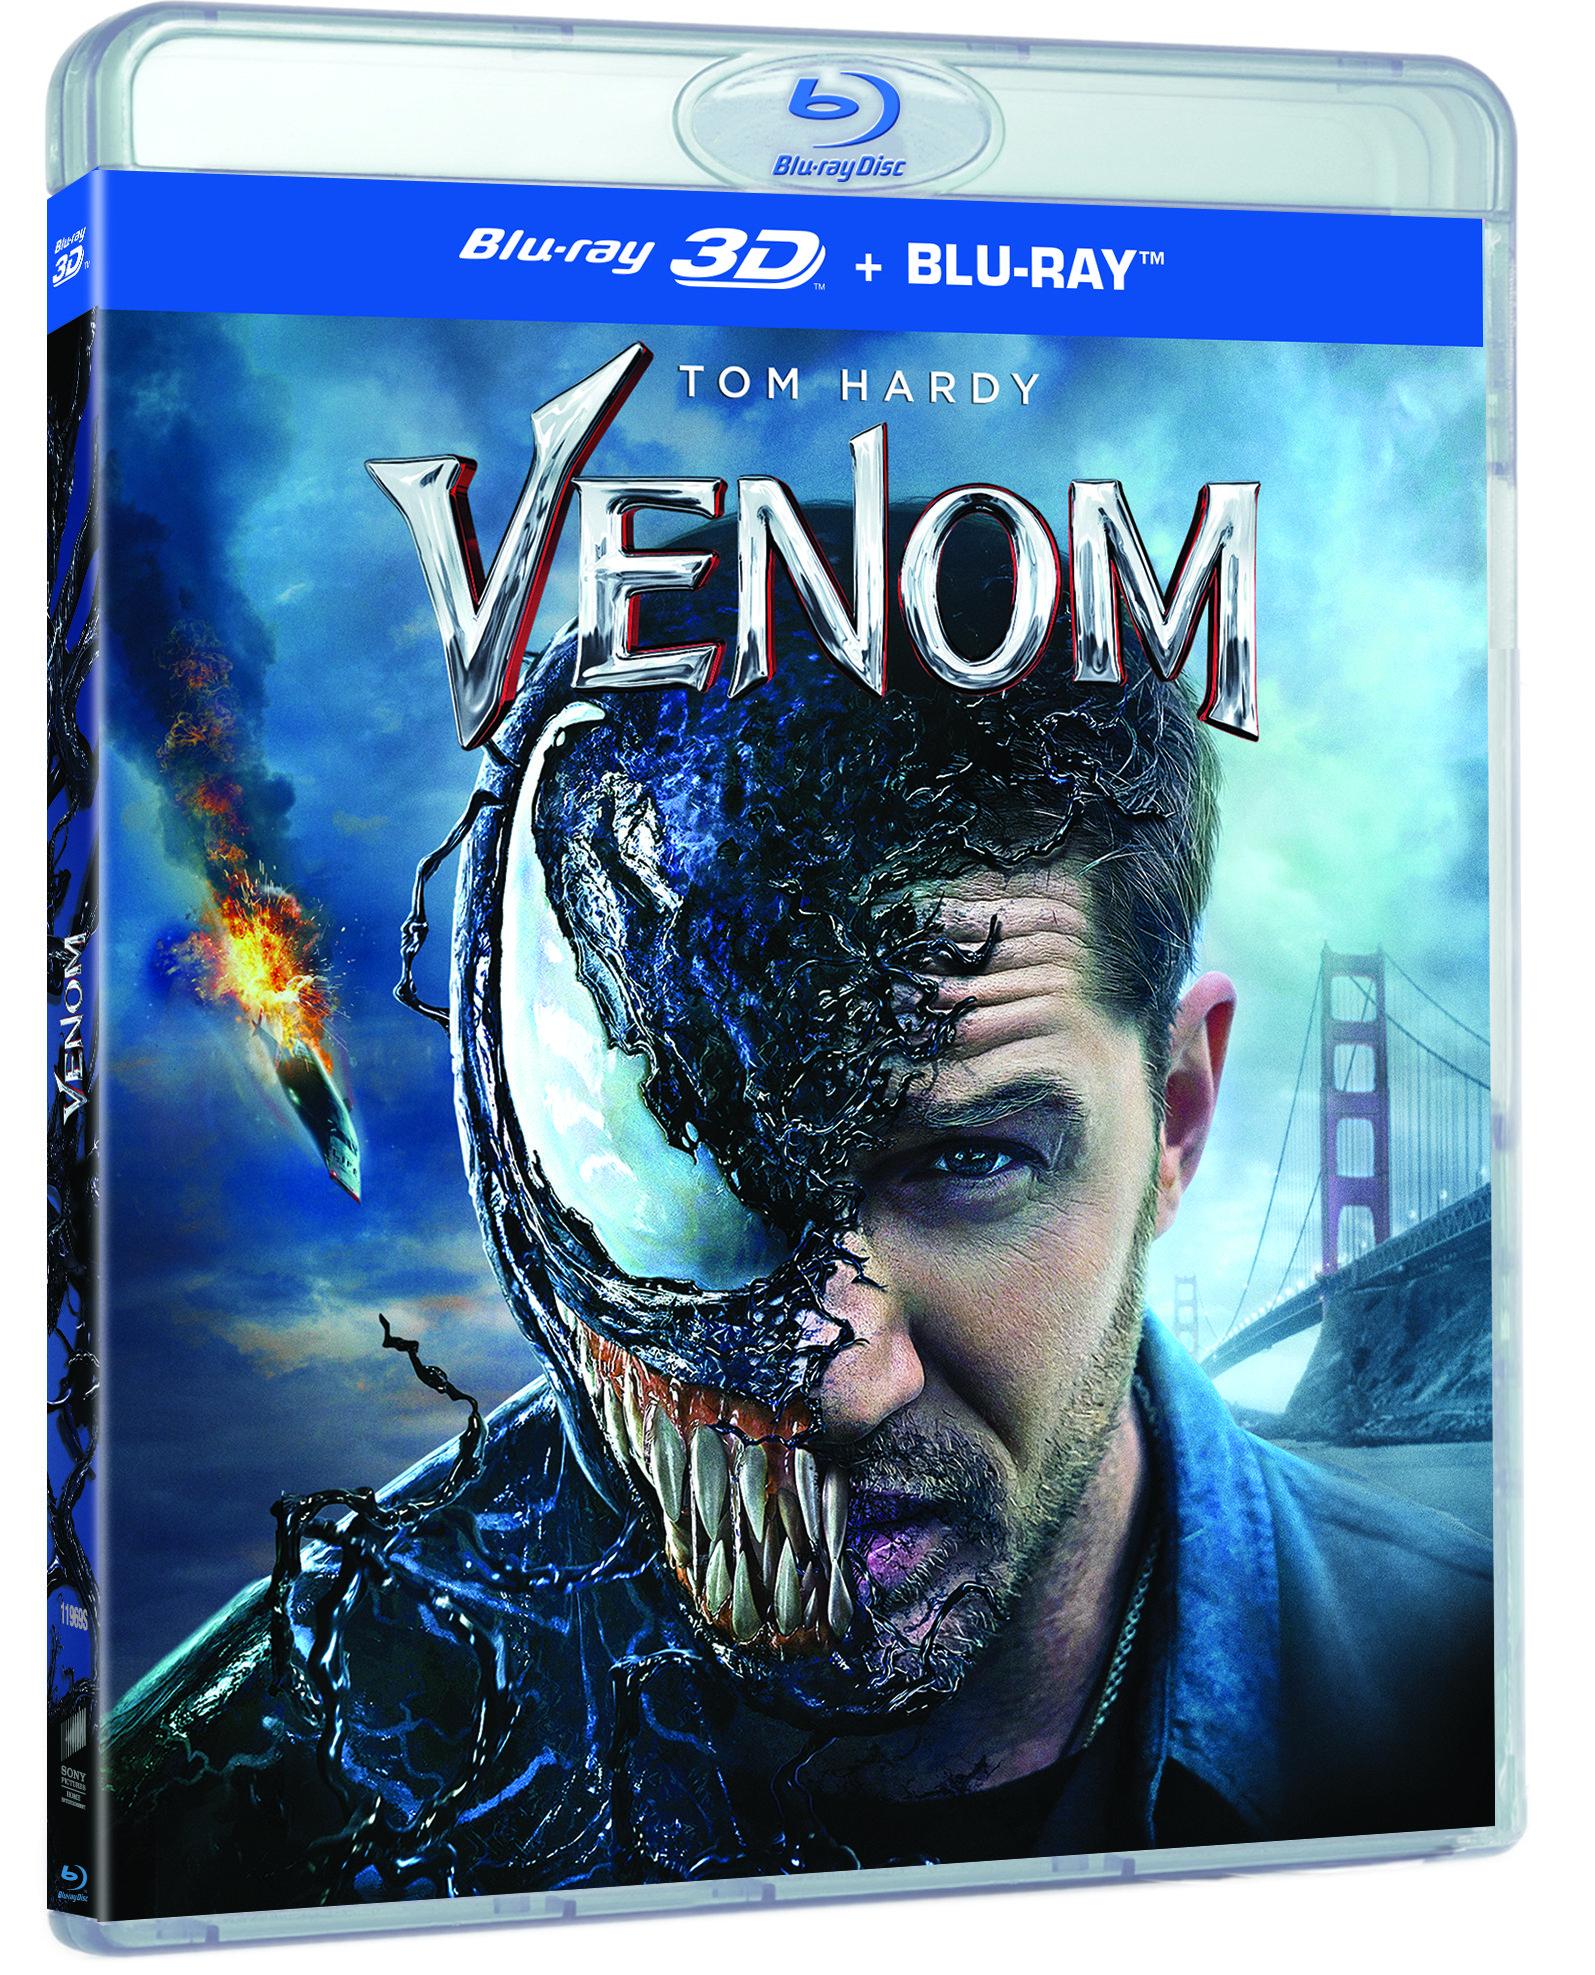 VENOM (BD 3D + BD)